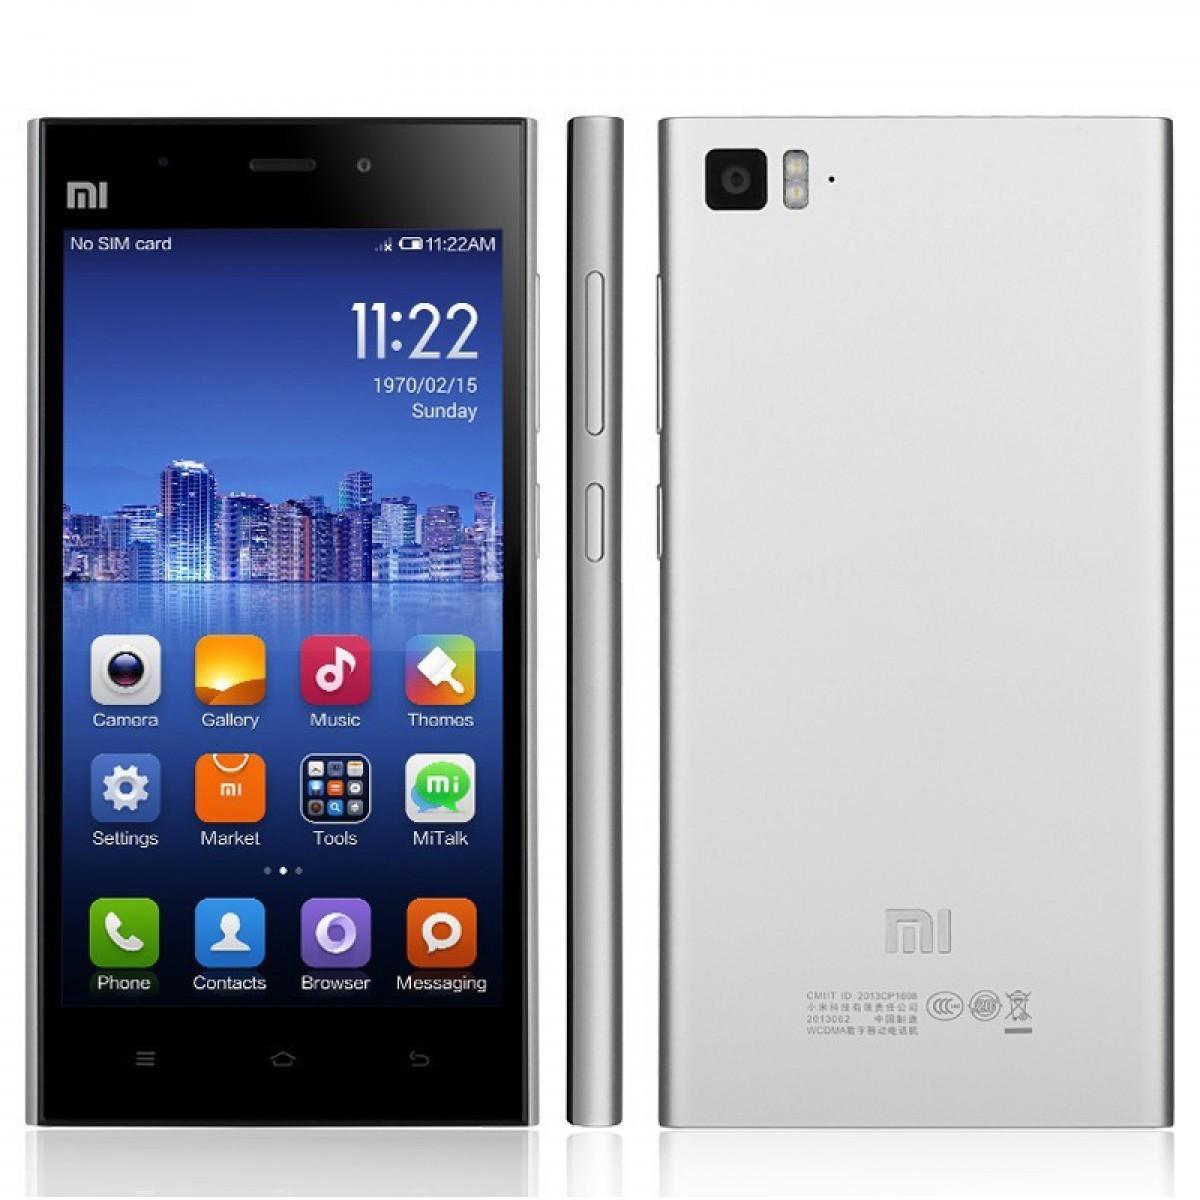 Cần thay màn hình Xiaomi Mi 3 khi bị liệt, loạn, chết màn hình